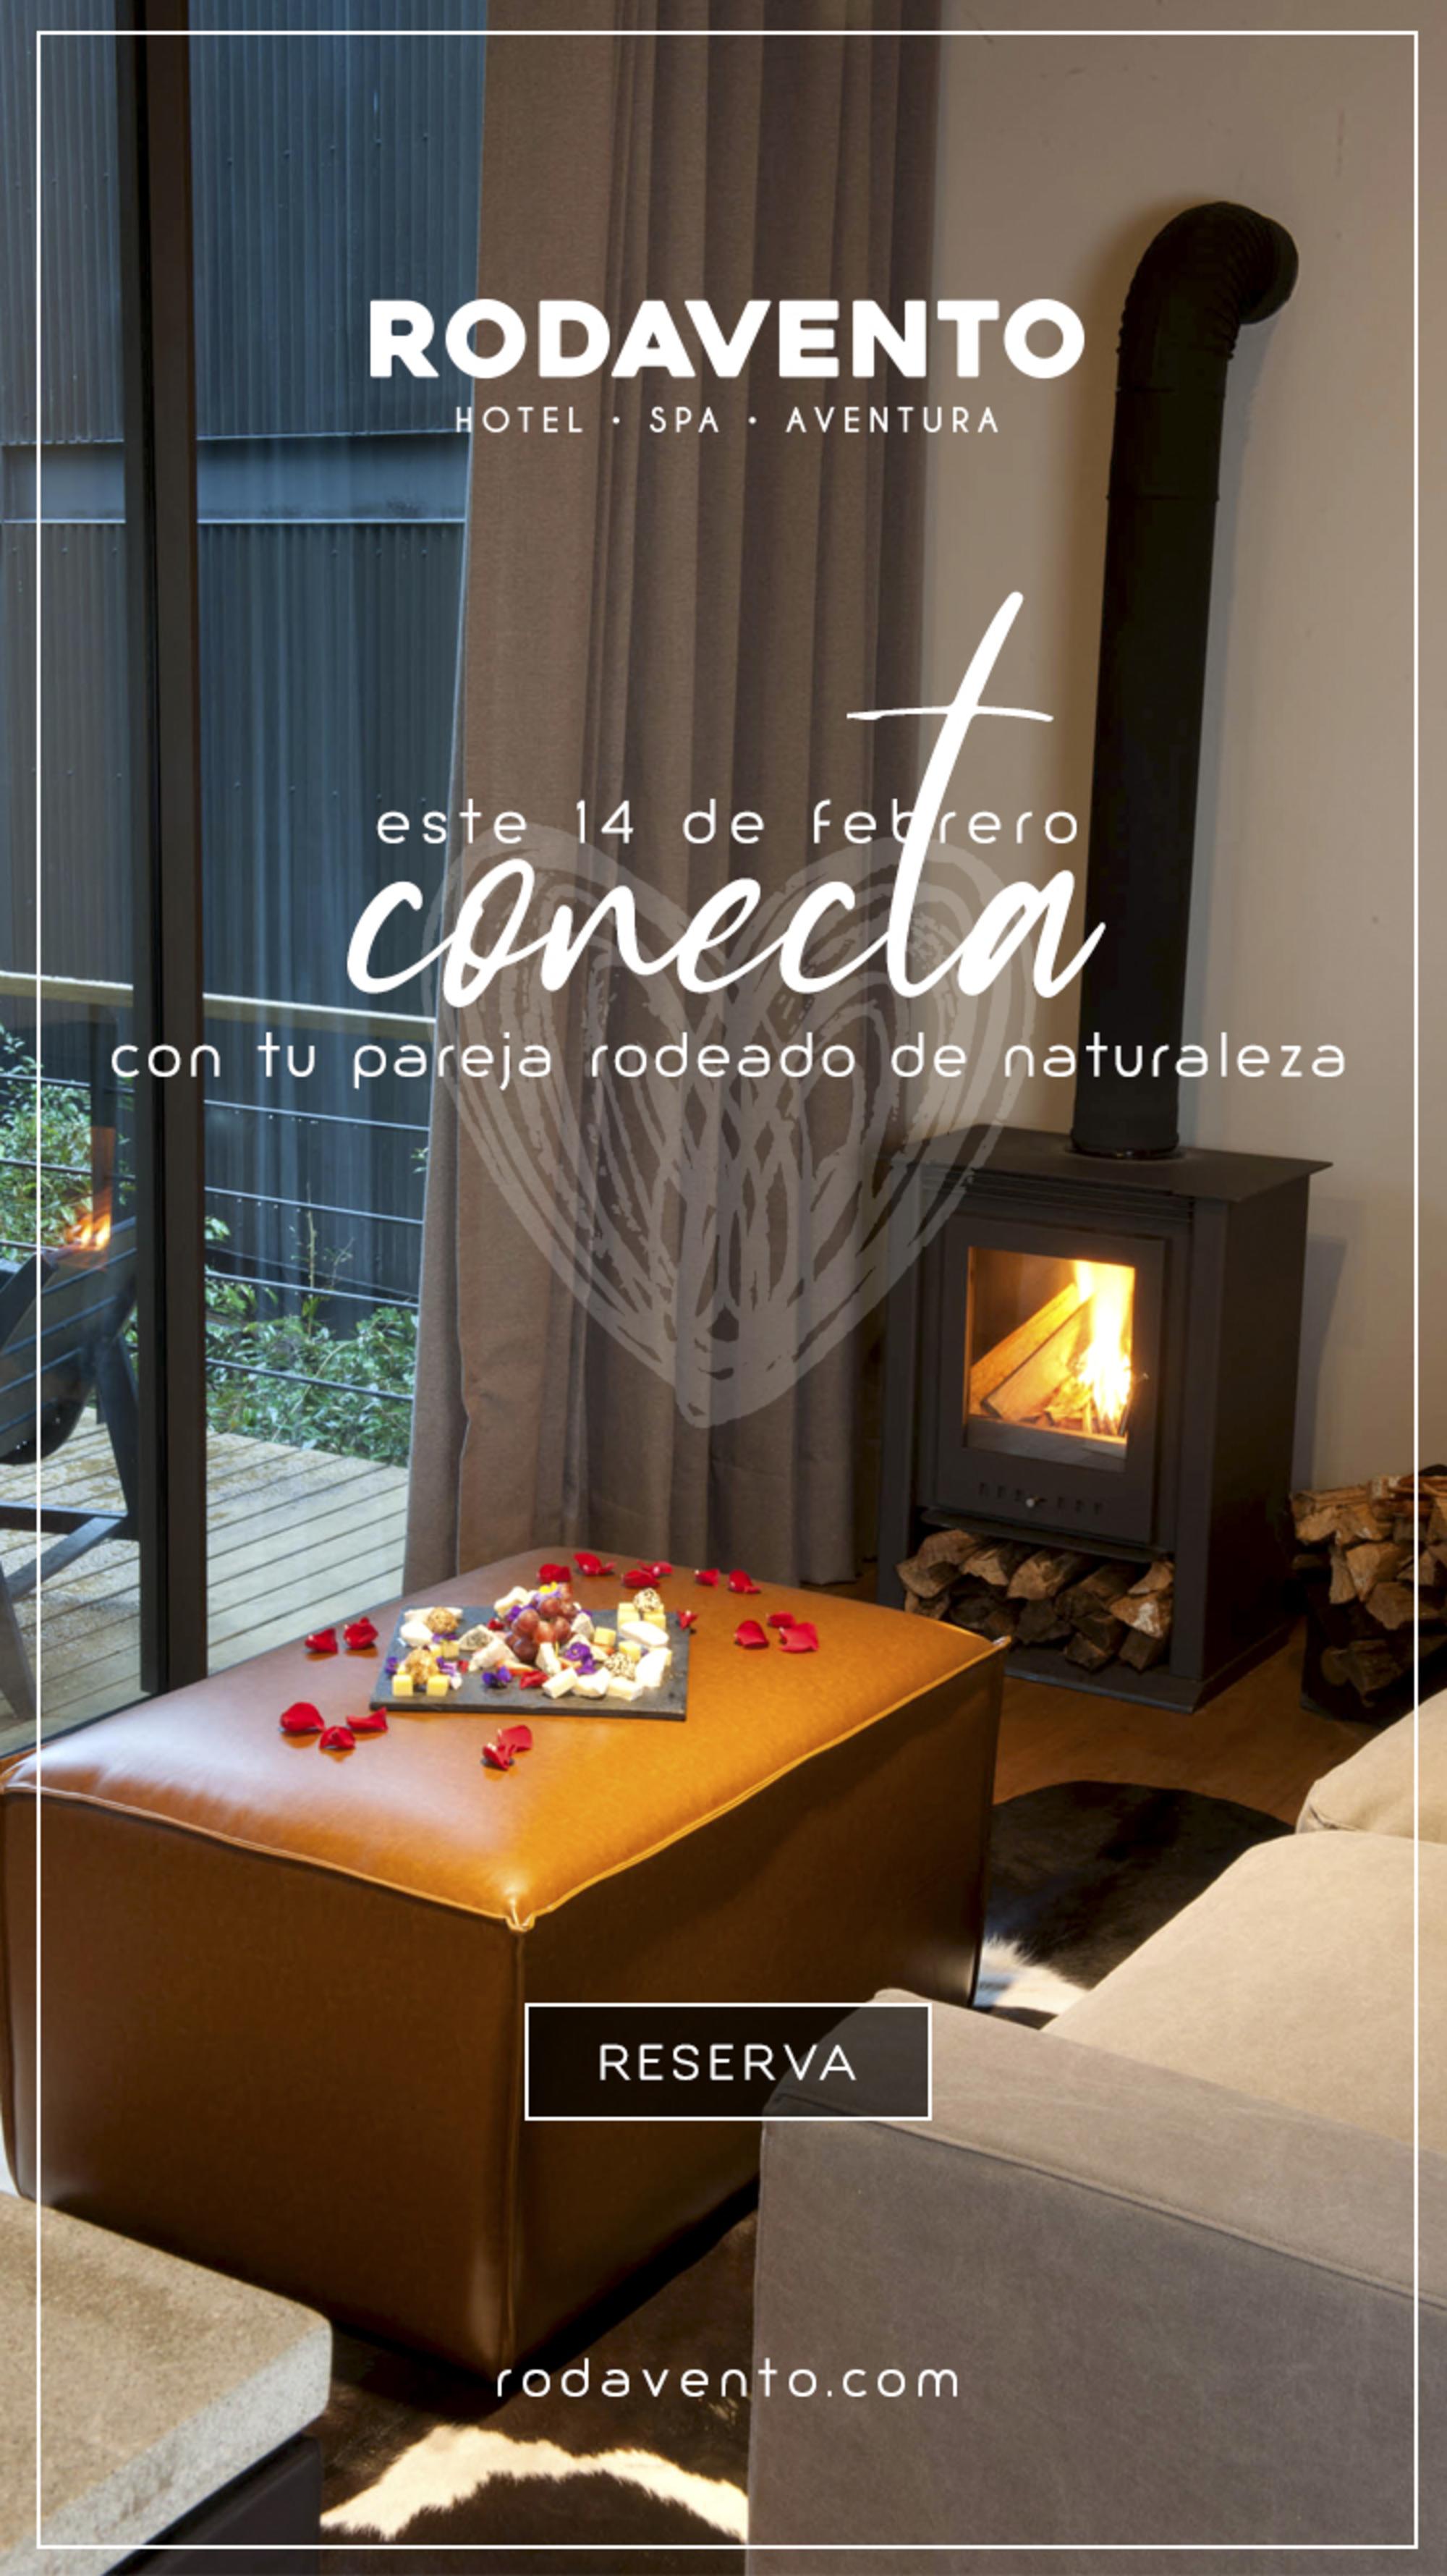 Hotel Rodavento